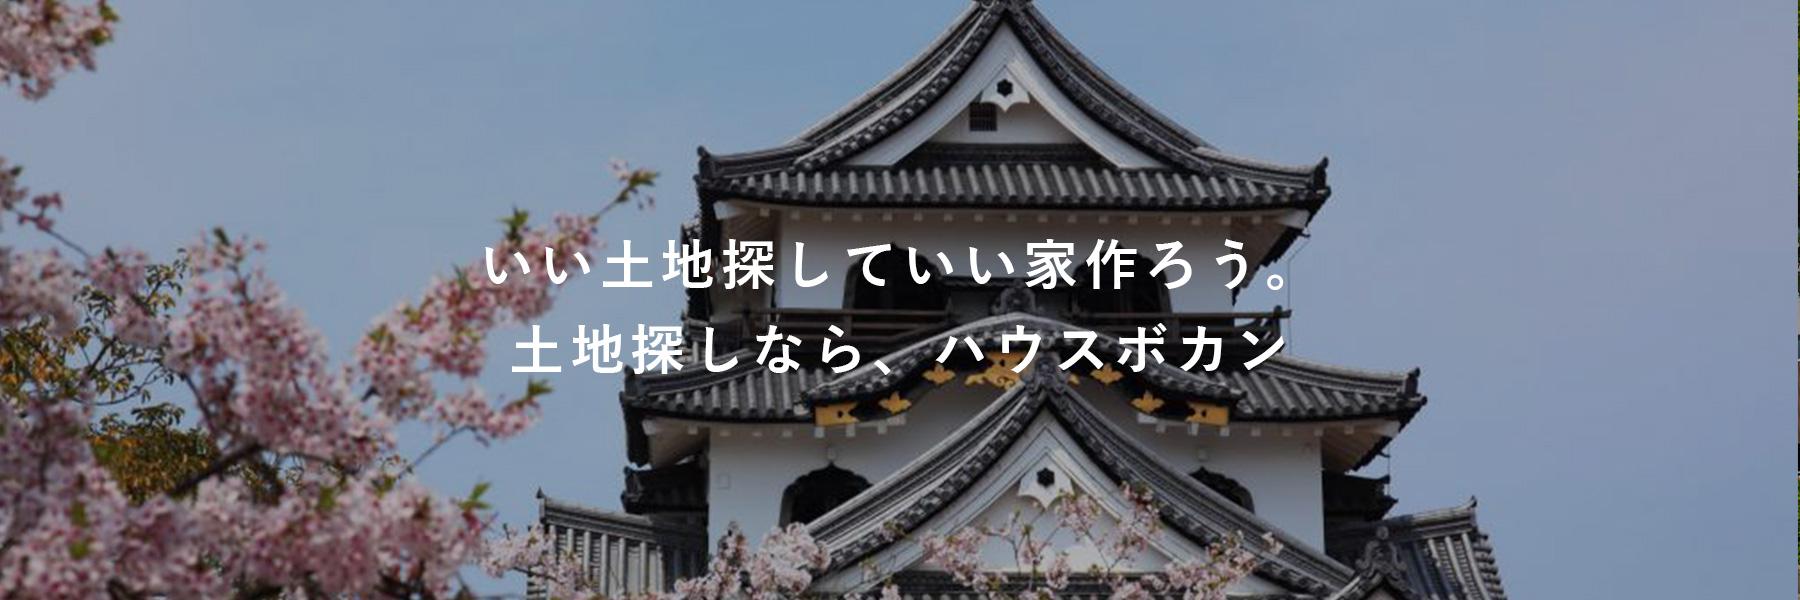 滋賀県の土地探しなら住まいの窓口ハウスボカンにお任せください